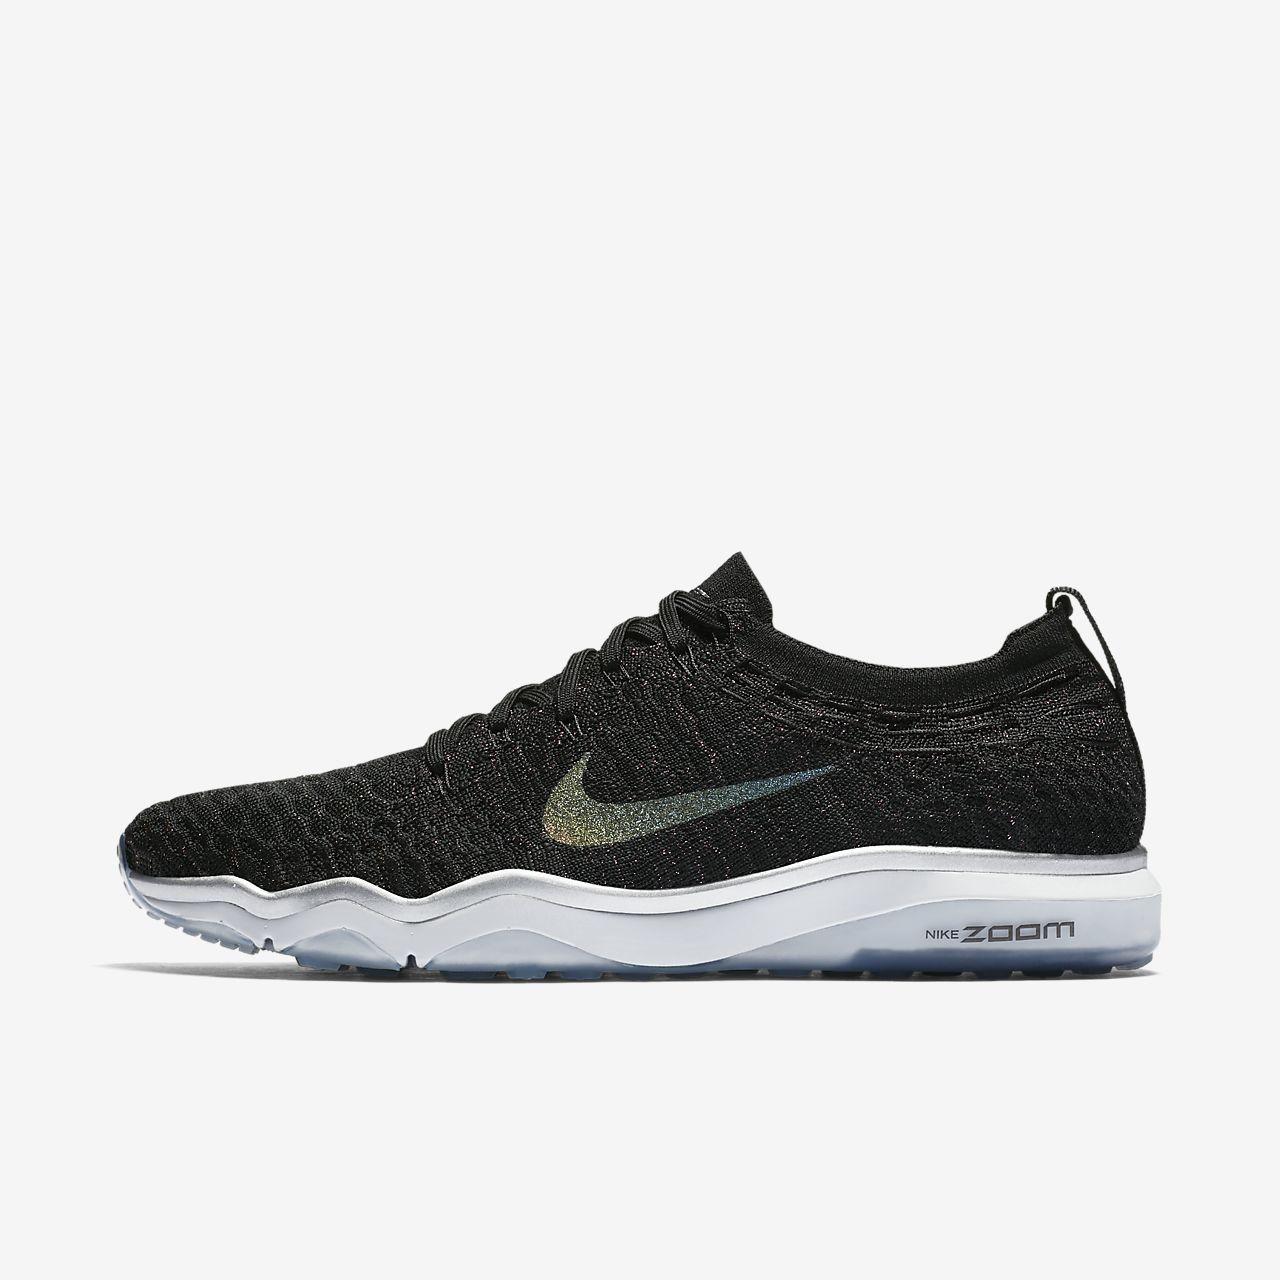 ... Nike Air Zoom Fearless Flyknit Metallic Women's Training Shoe